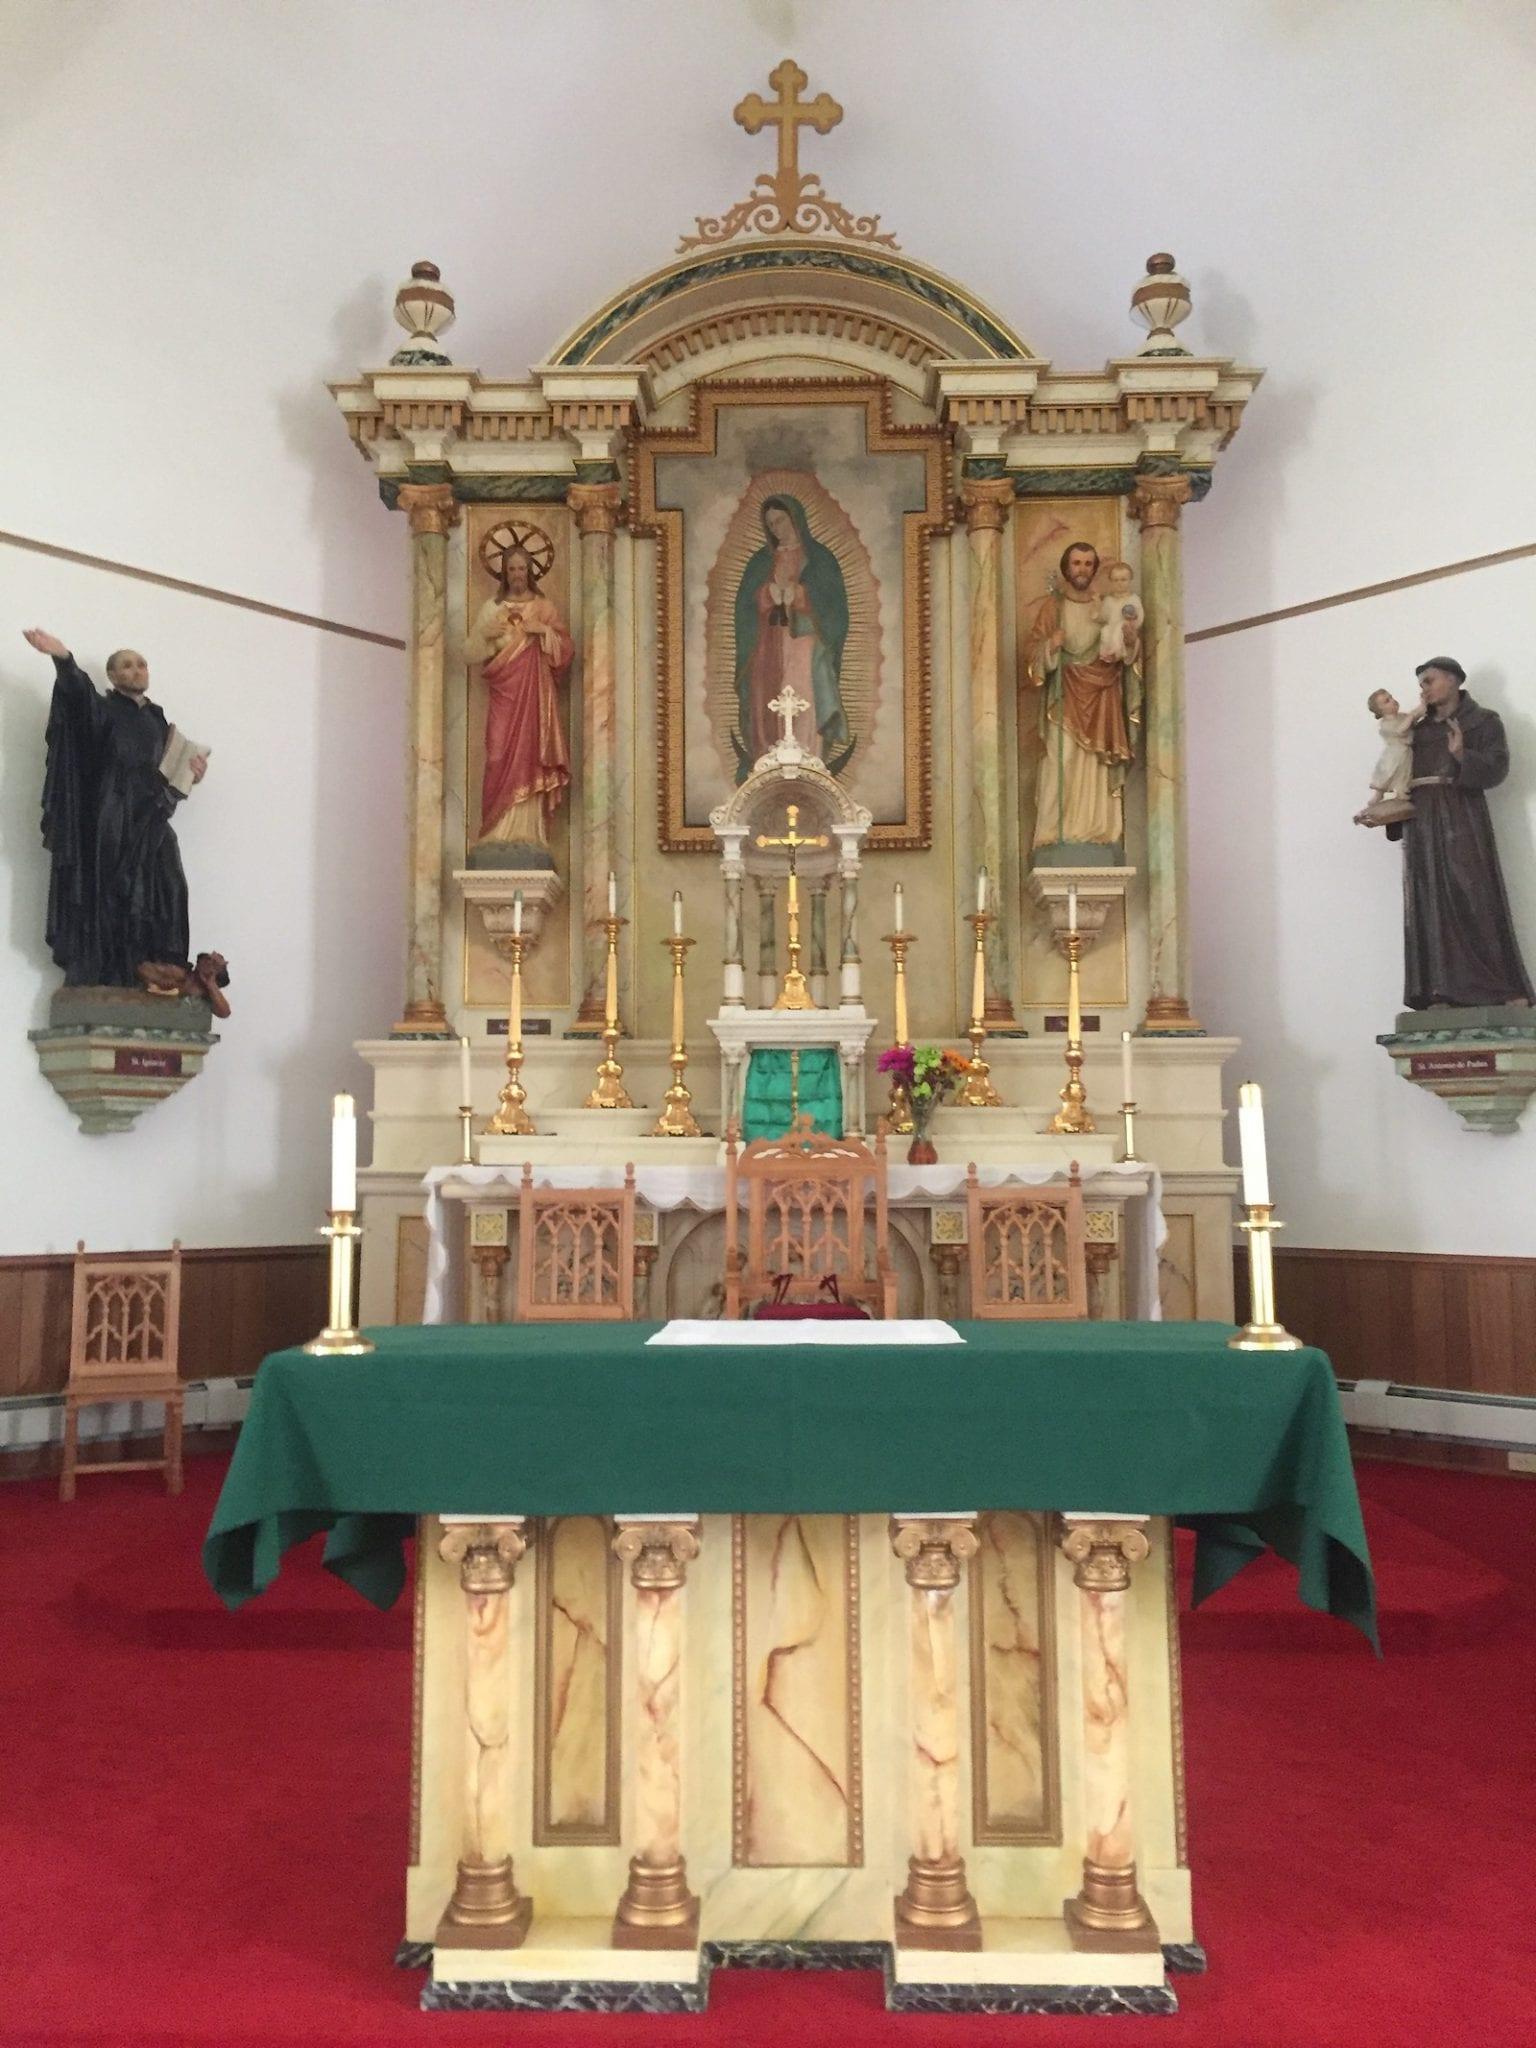 Conejos Colorado Our Lady of Guadalupe Parish Interior Alter